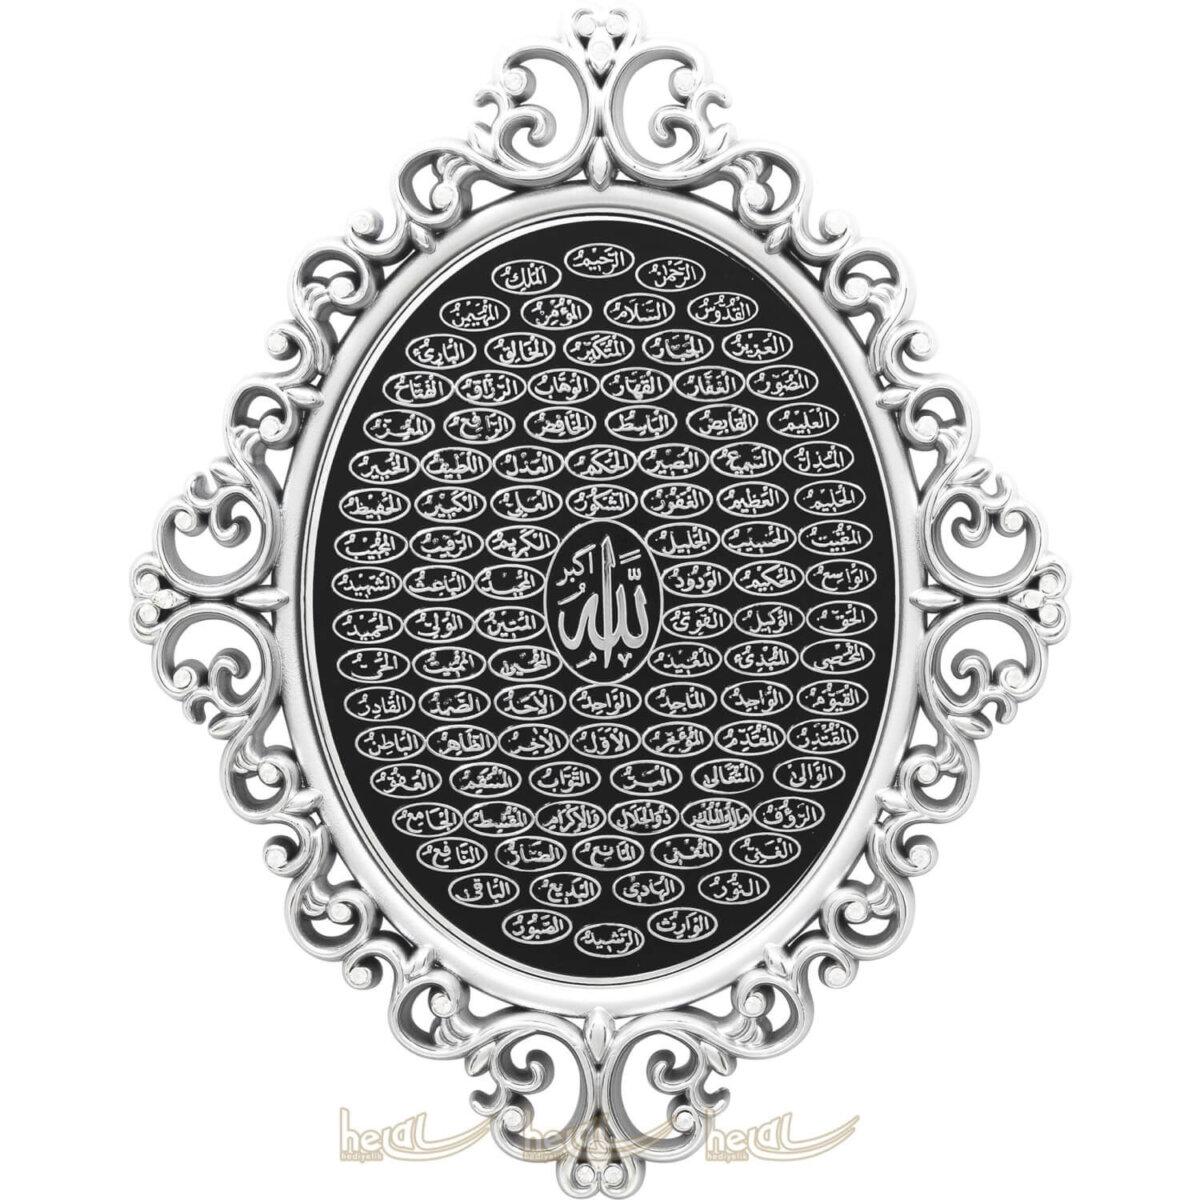 24x31cm Esmaül Hüsna Taşlı Osmanlı Motifli Modern Lüks Duvar Panosu Ayetli Ürünler